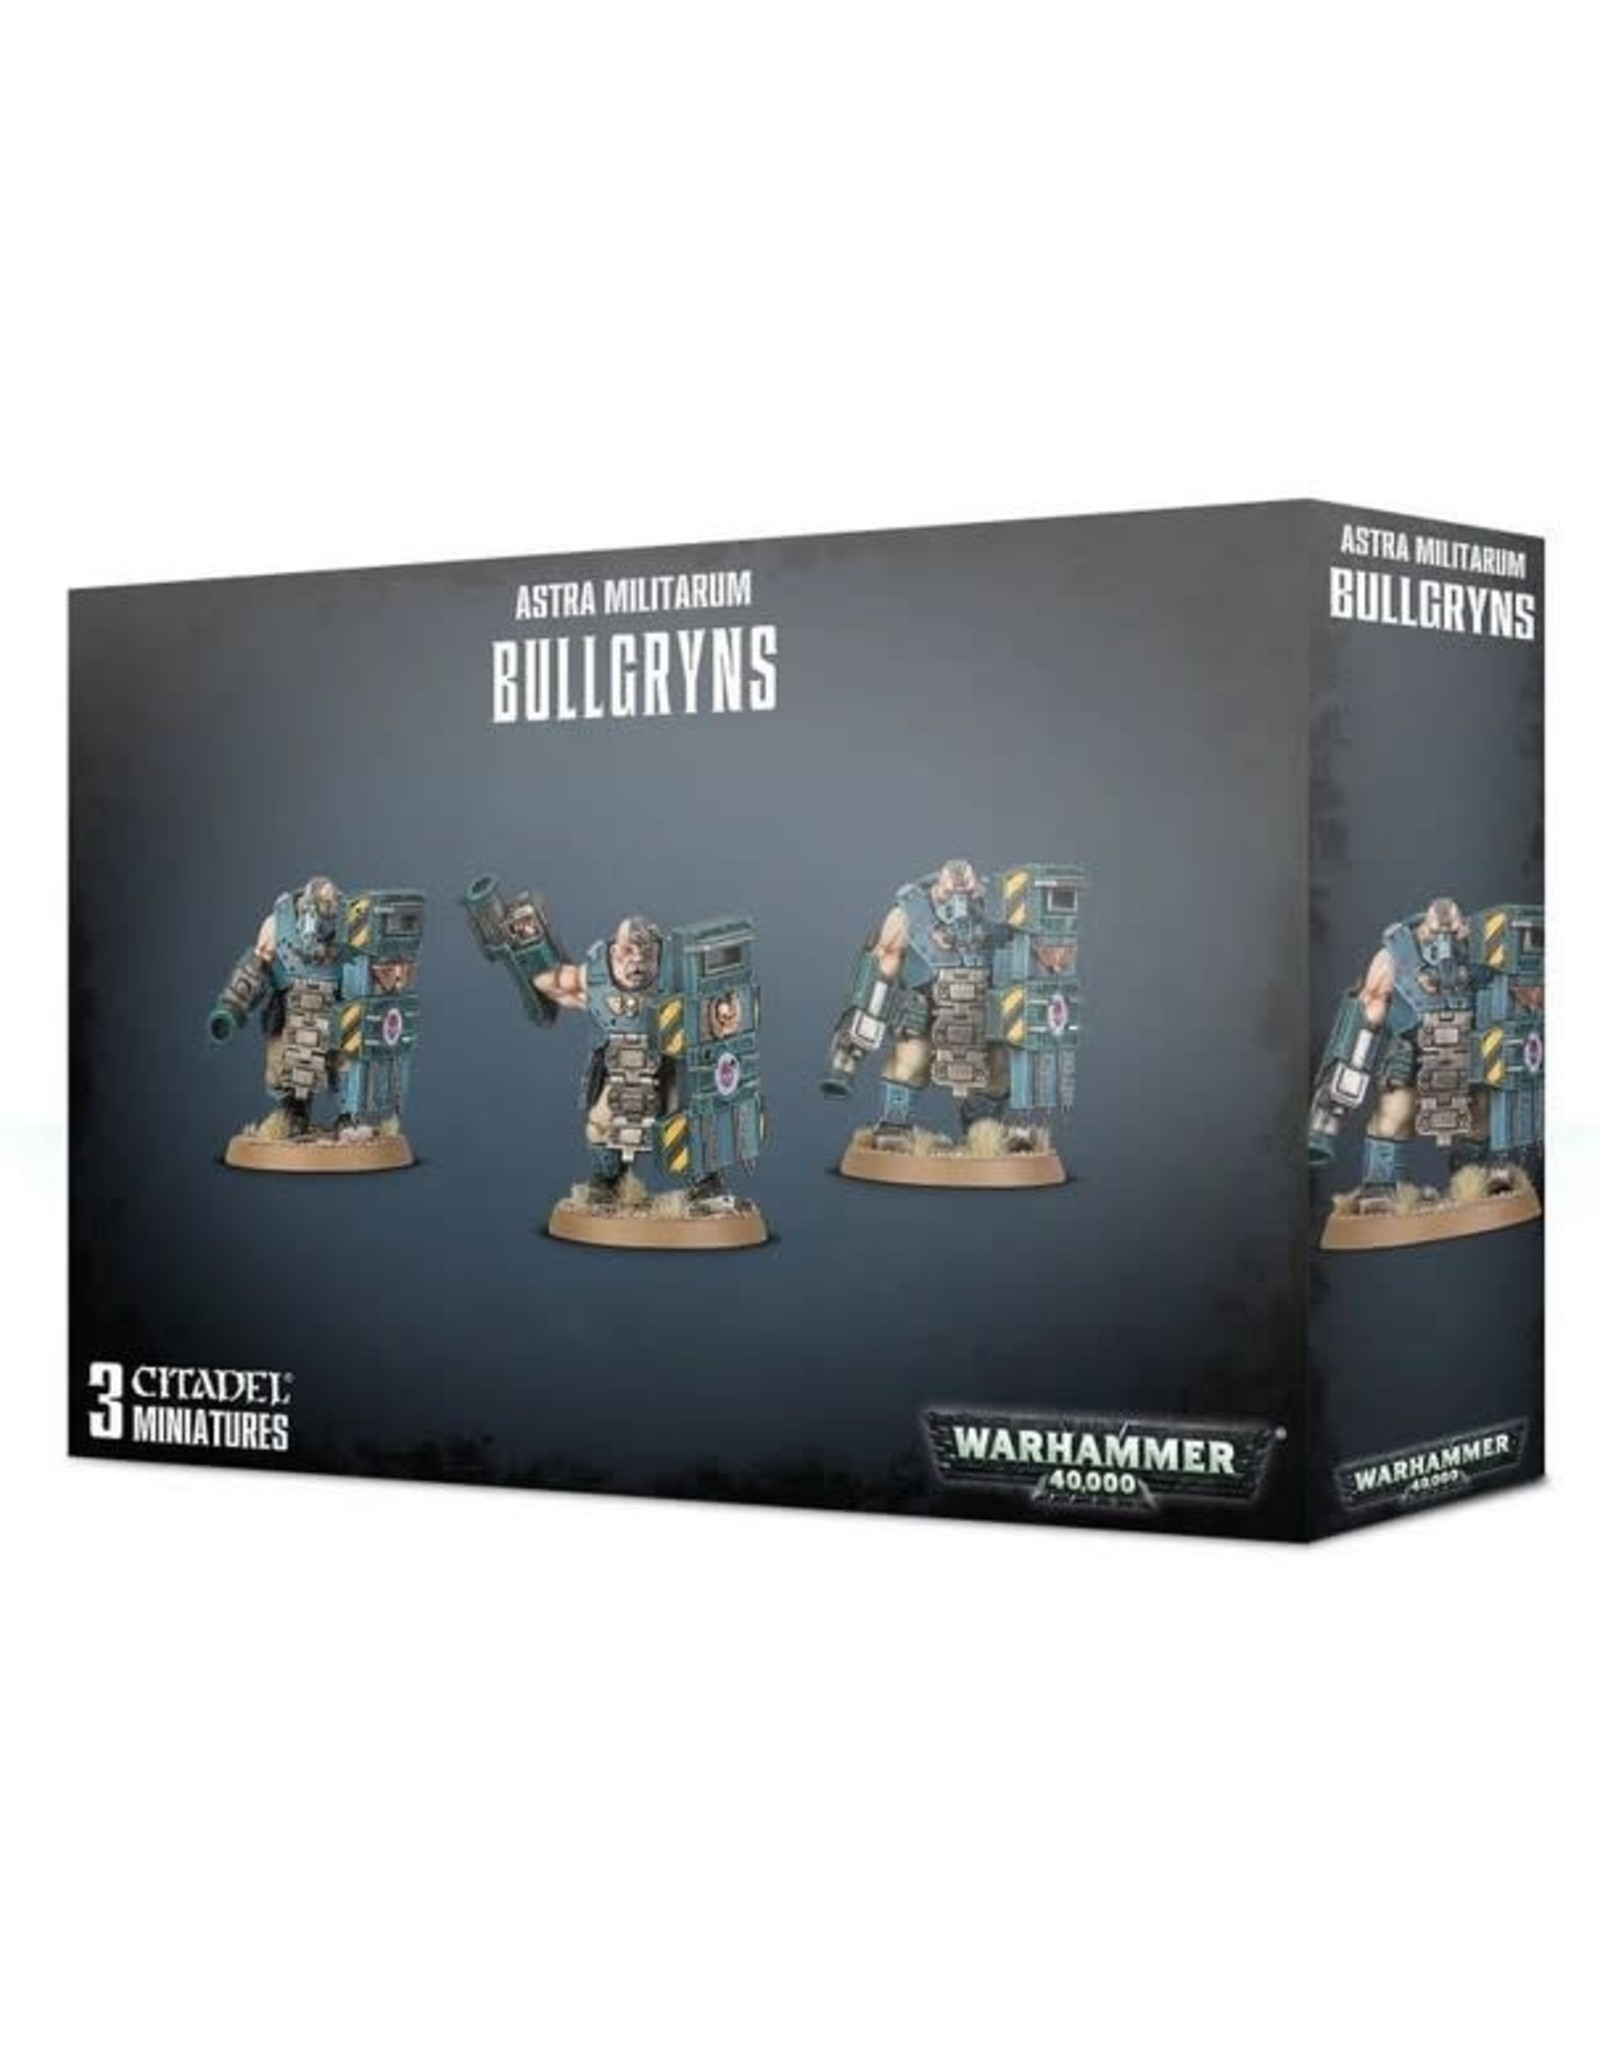 Warhammer 40K WH40K Militarum Auxilla Bullgryns